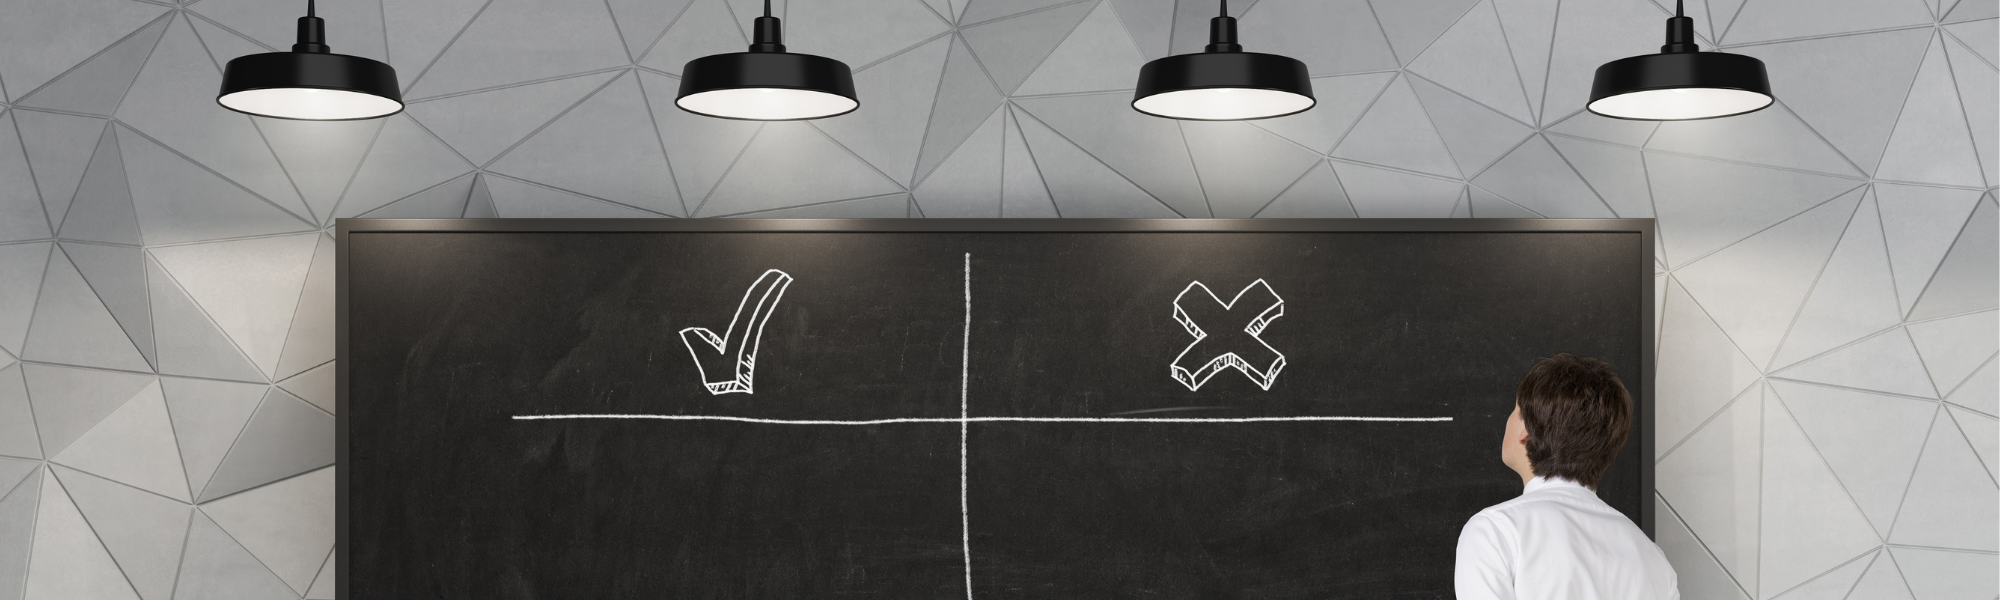 Verandering doorvoeren op de werkvloer: hoe doe je dat?